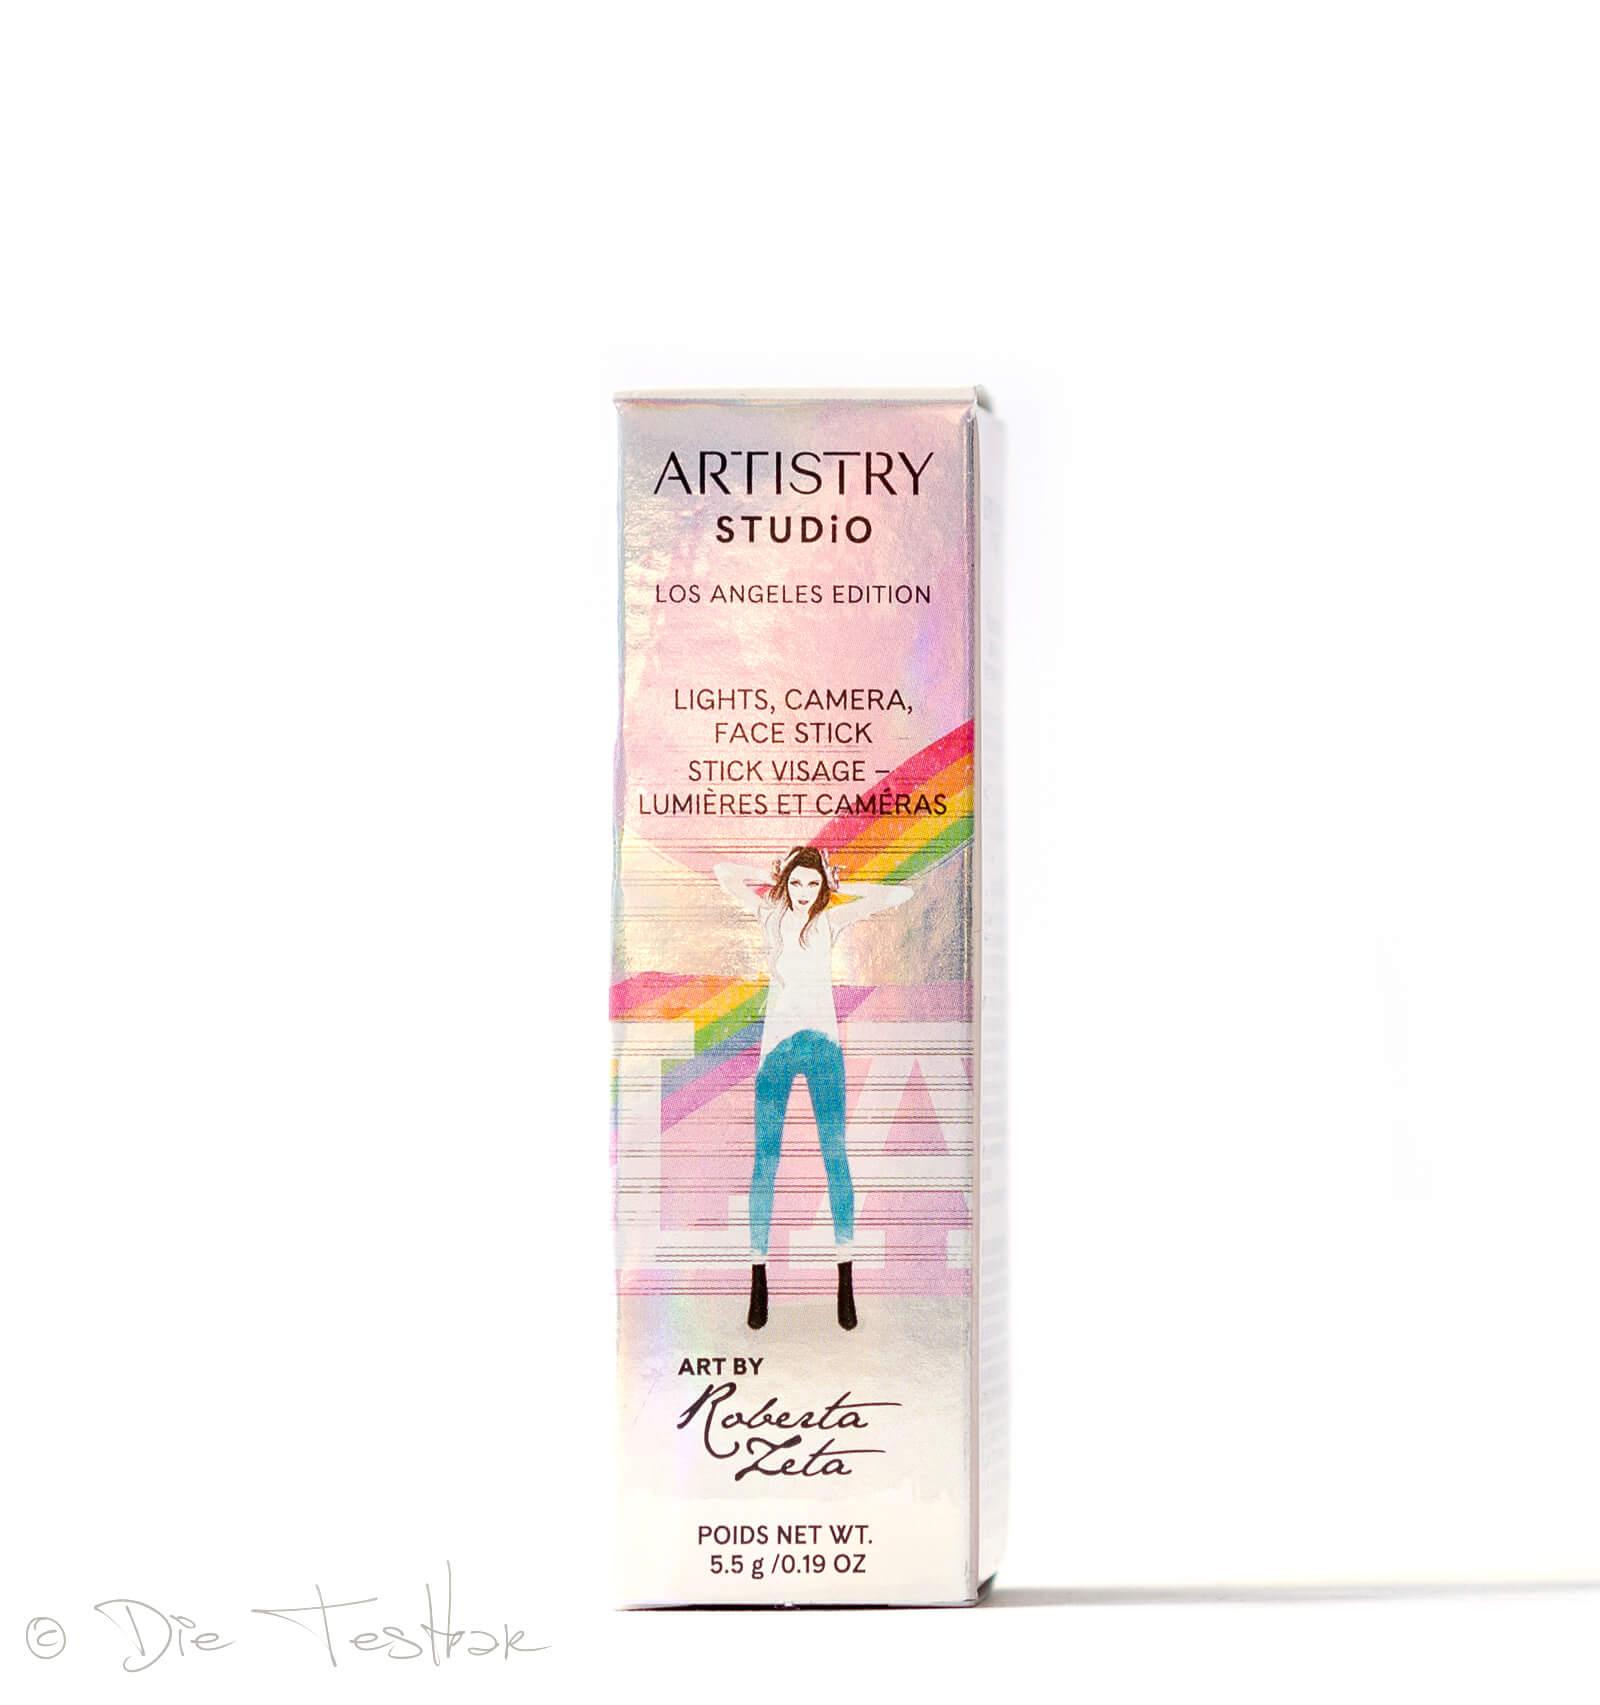 ARTISTRY STUDIO™ Los Angeles Edition Lights, Camera Stick für das Gesicht